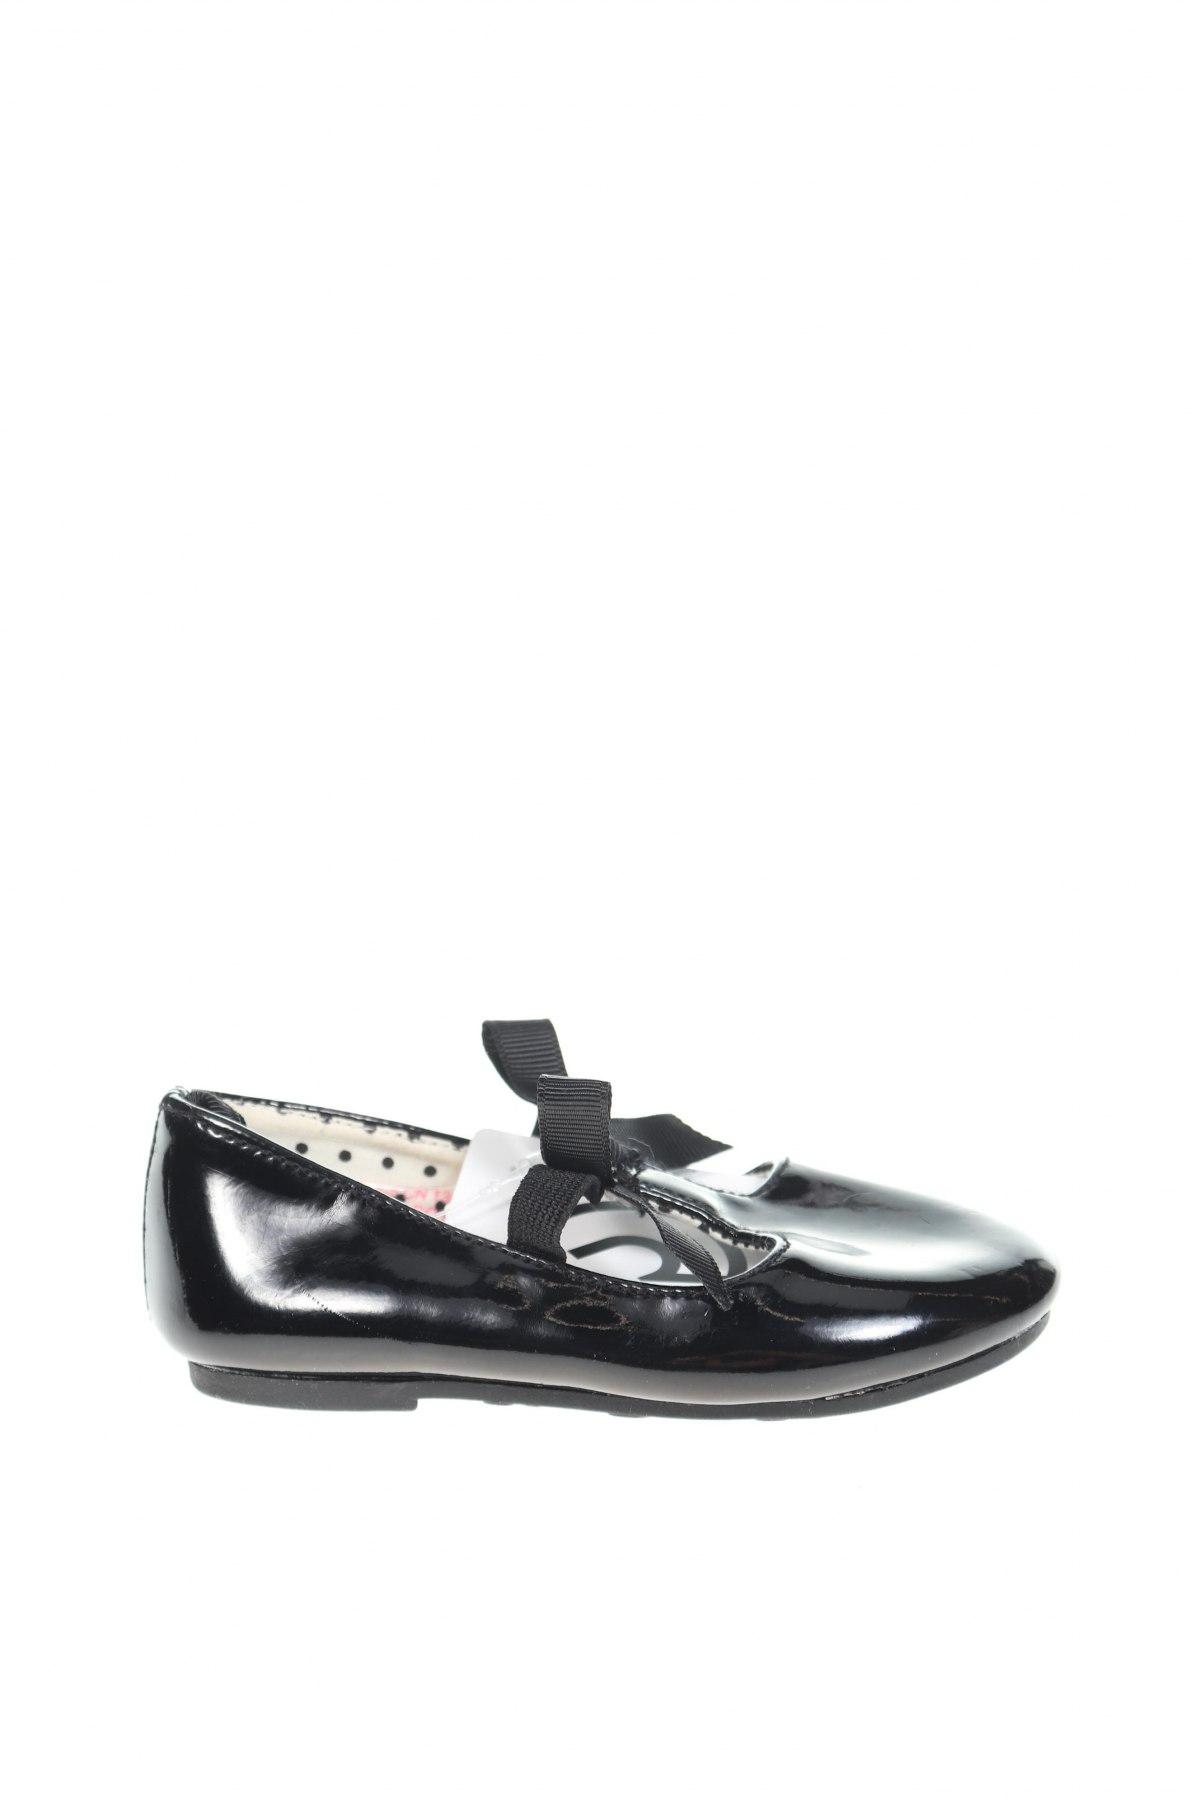 Παιδικά παπούτσια H&M, Μέγεθος 20, Χρώμα Μαύρο, Δερματίνη, Τιμή 8,85€